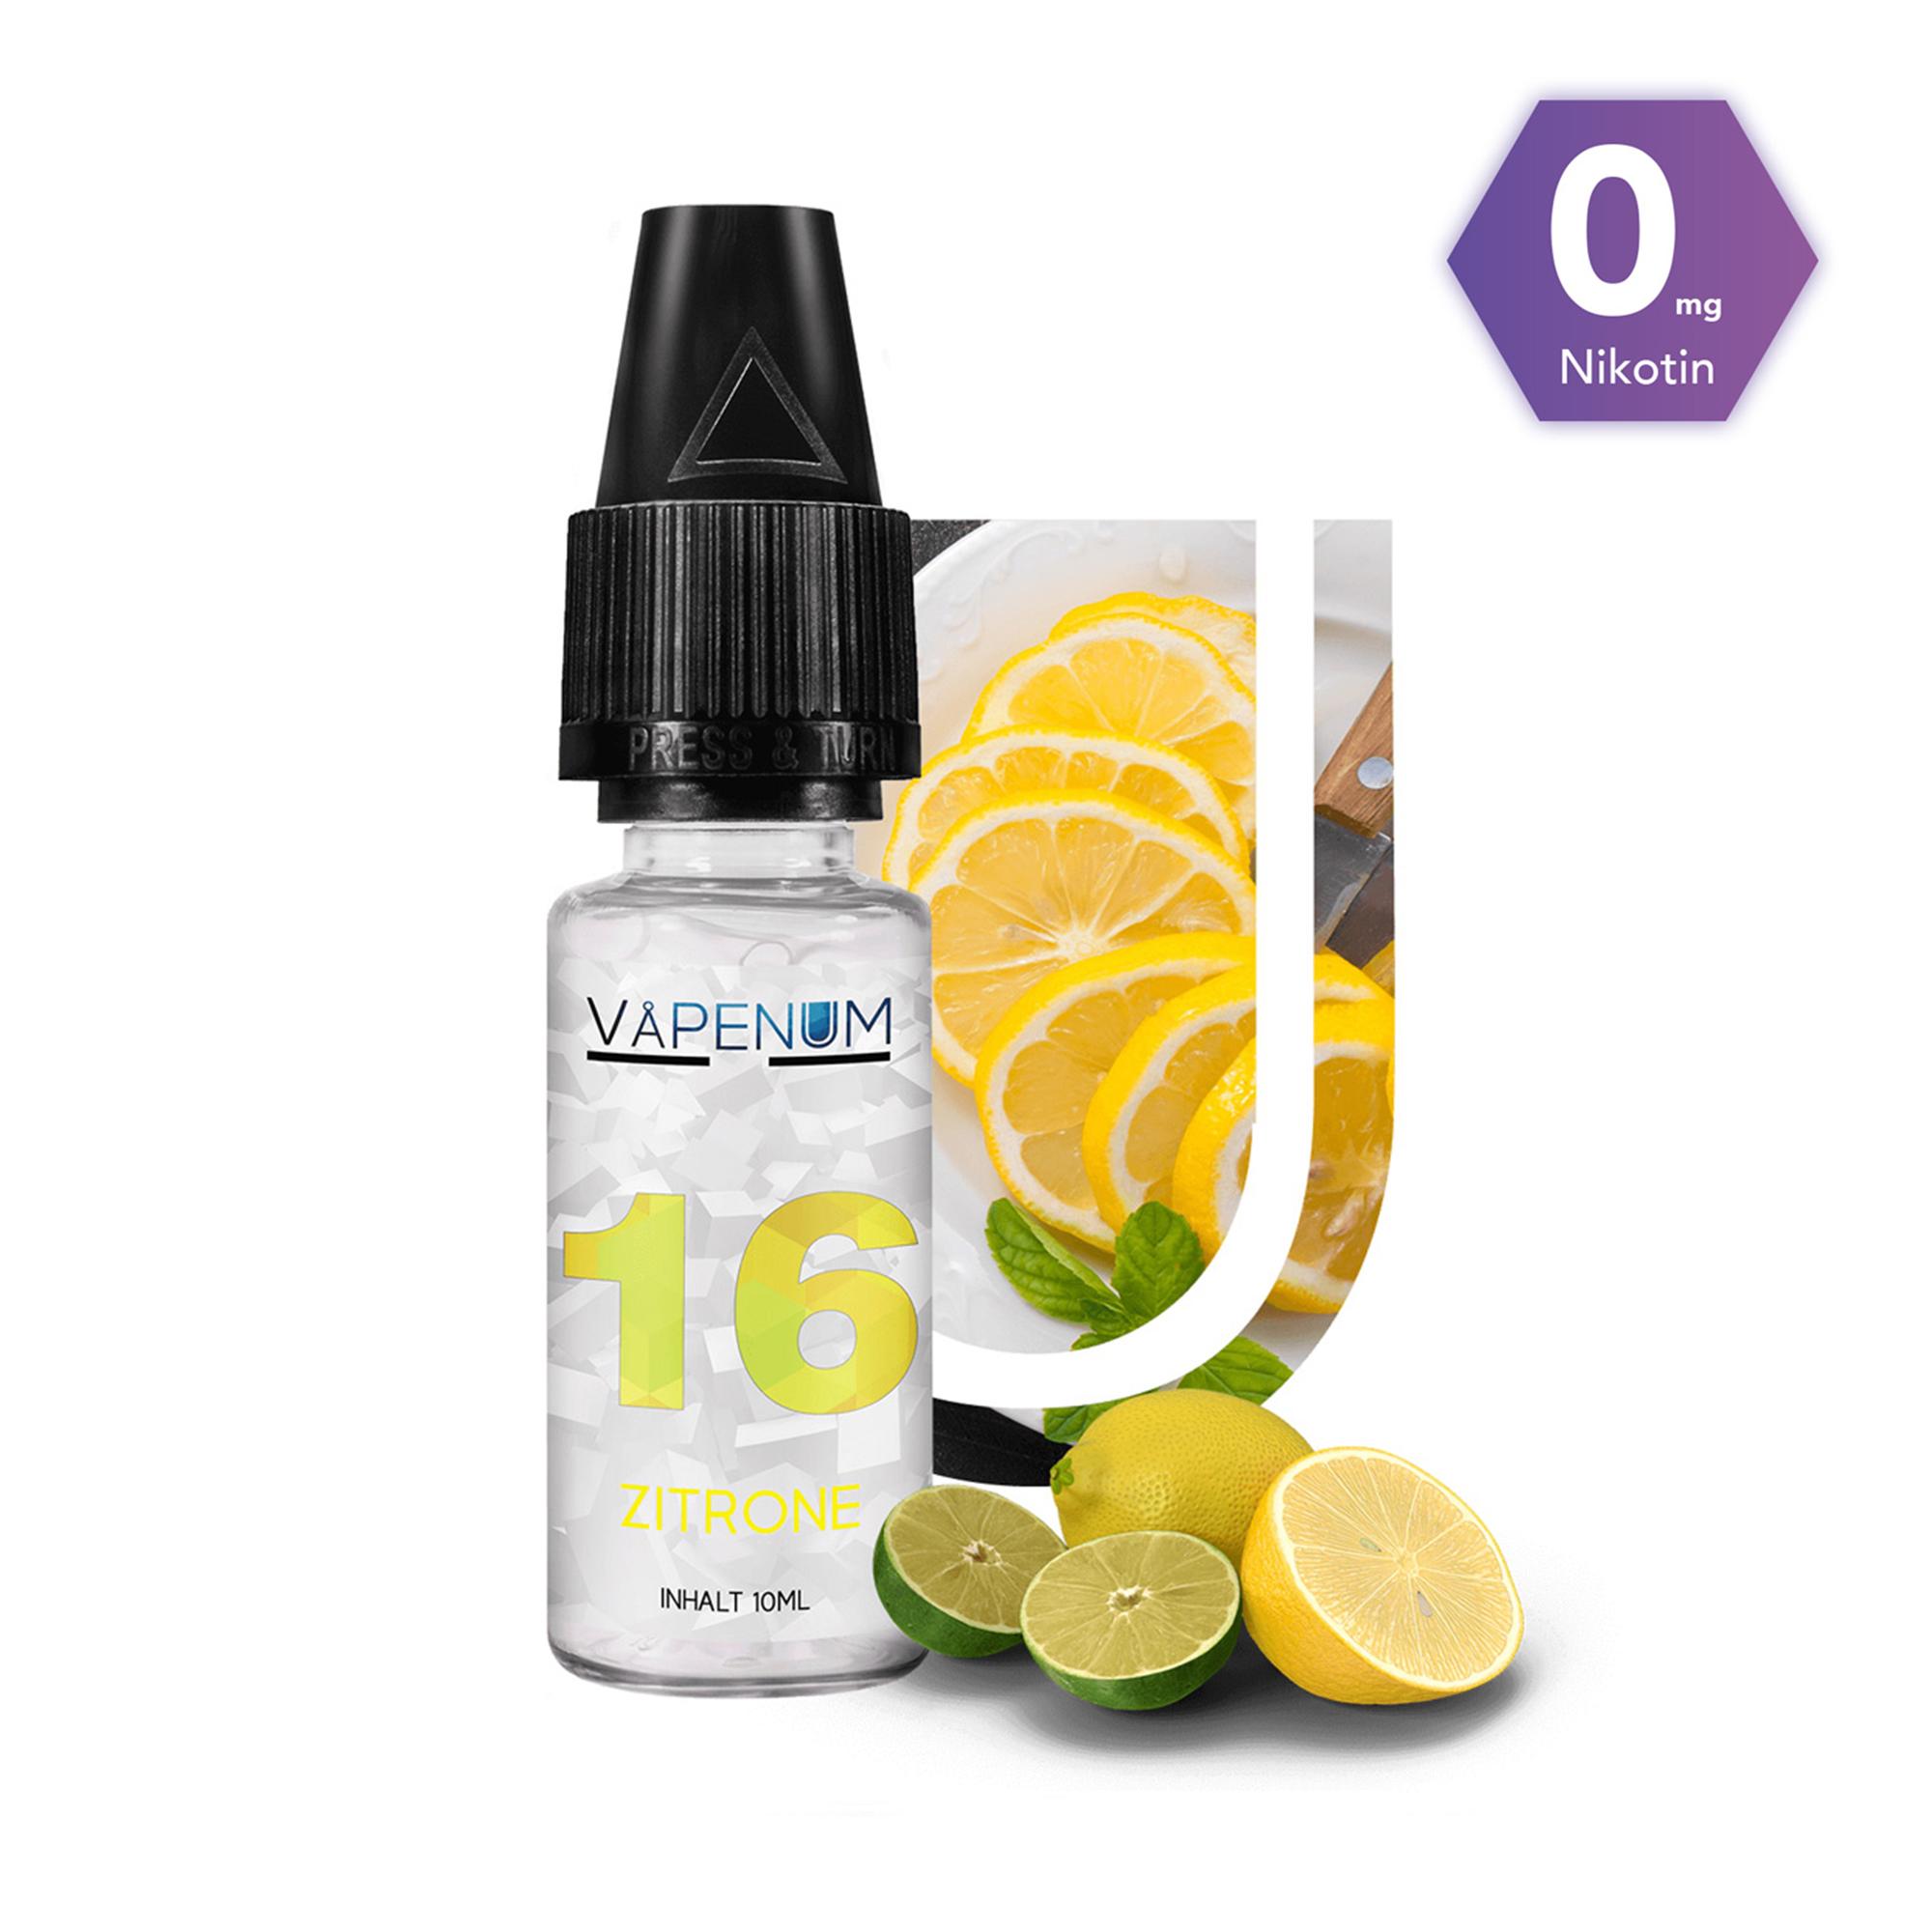 16 - Zitrone Liquid by Vapenum 0mg